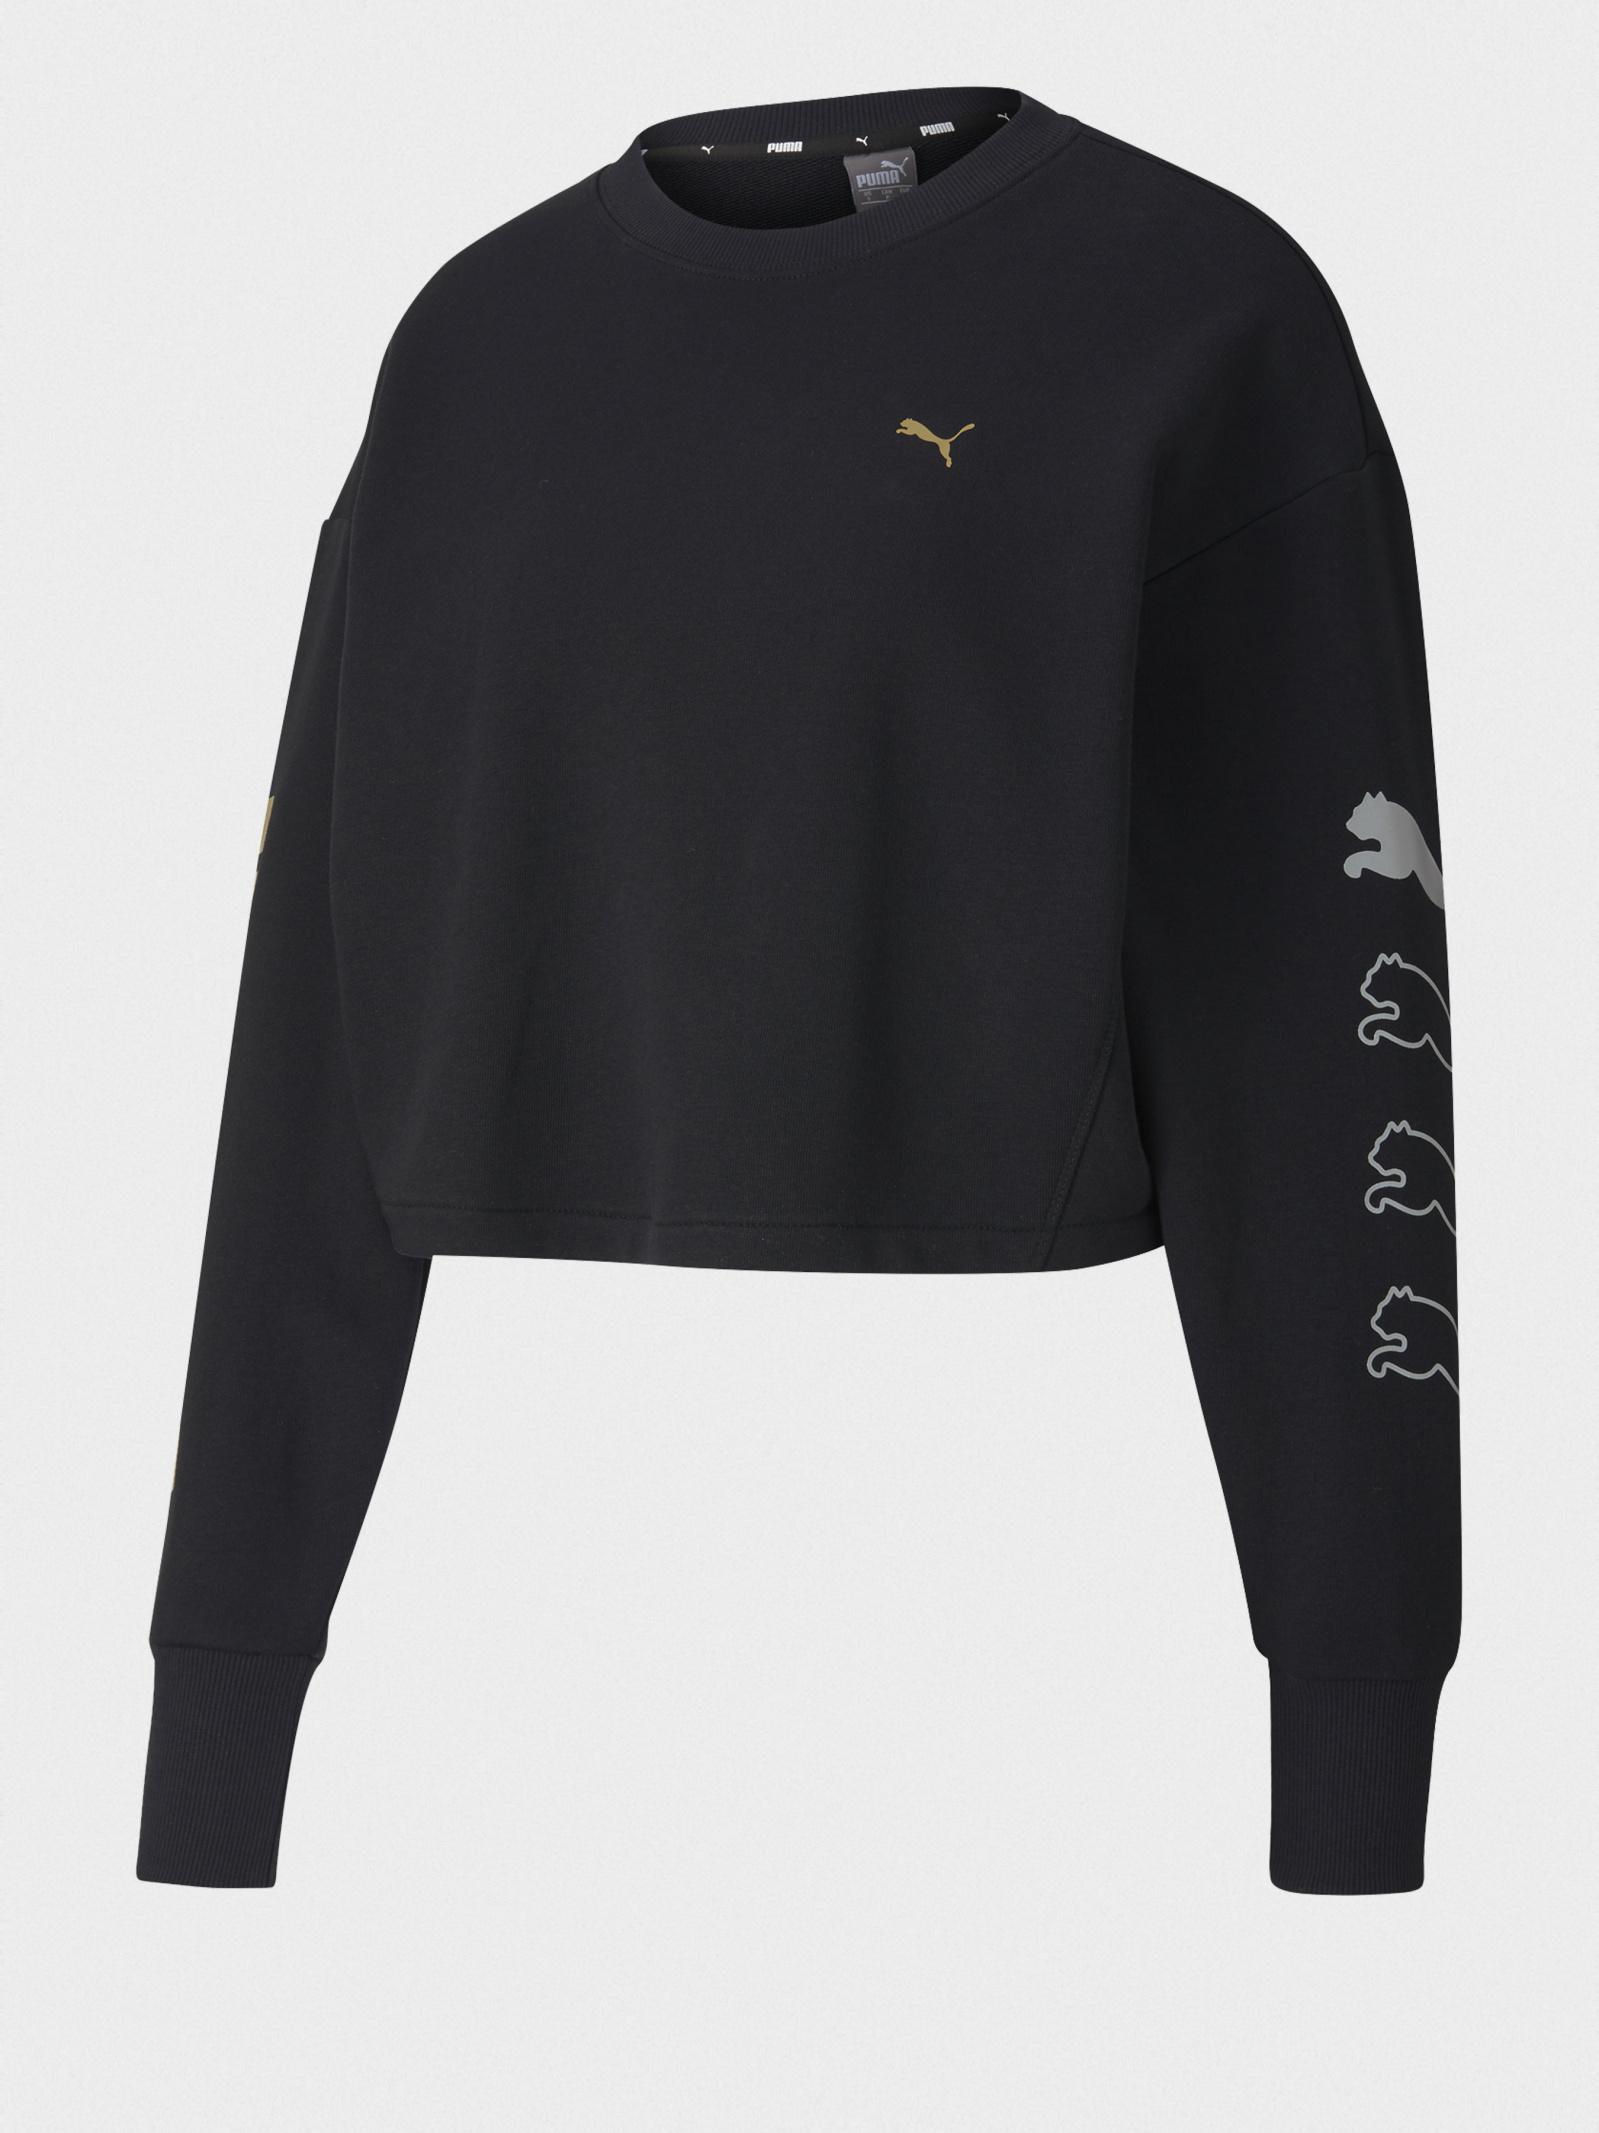 PUMA Кофти та светри жіночі модель 58175551 ціна, 2017